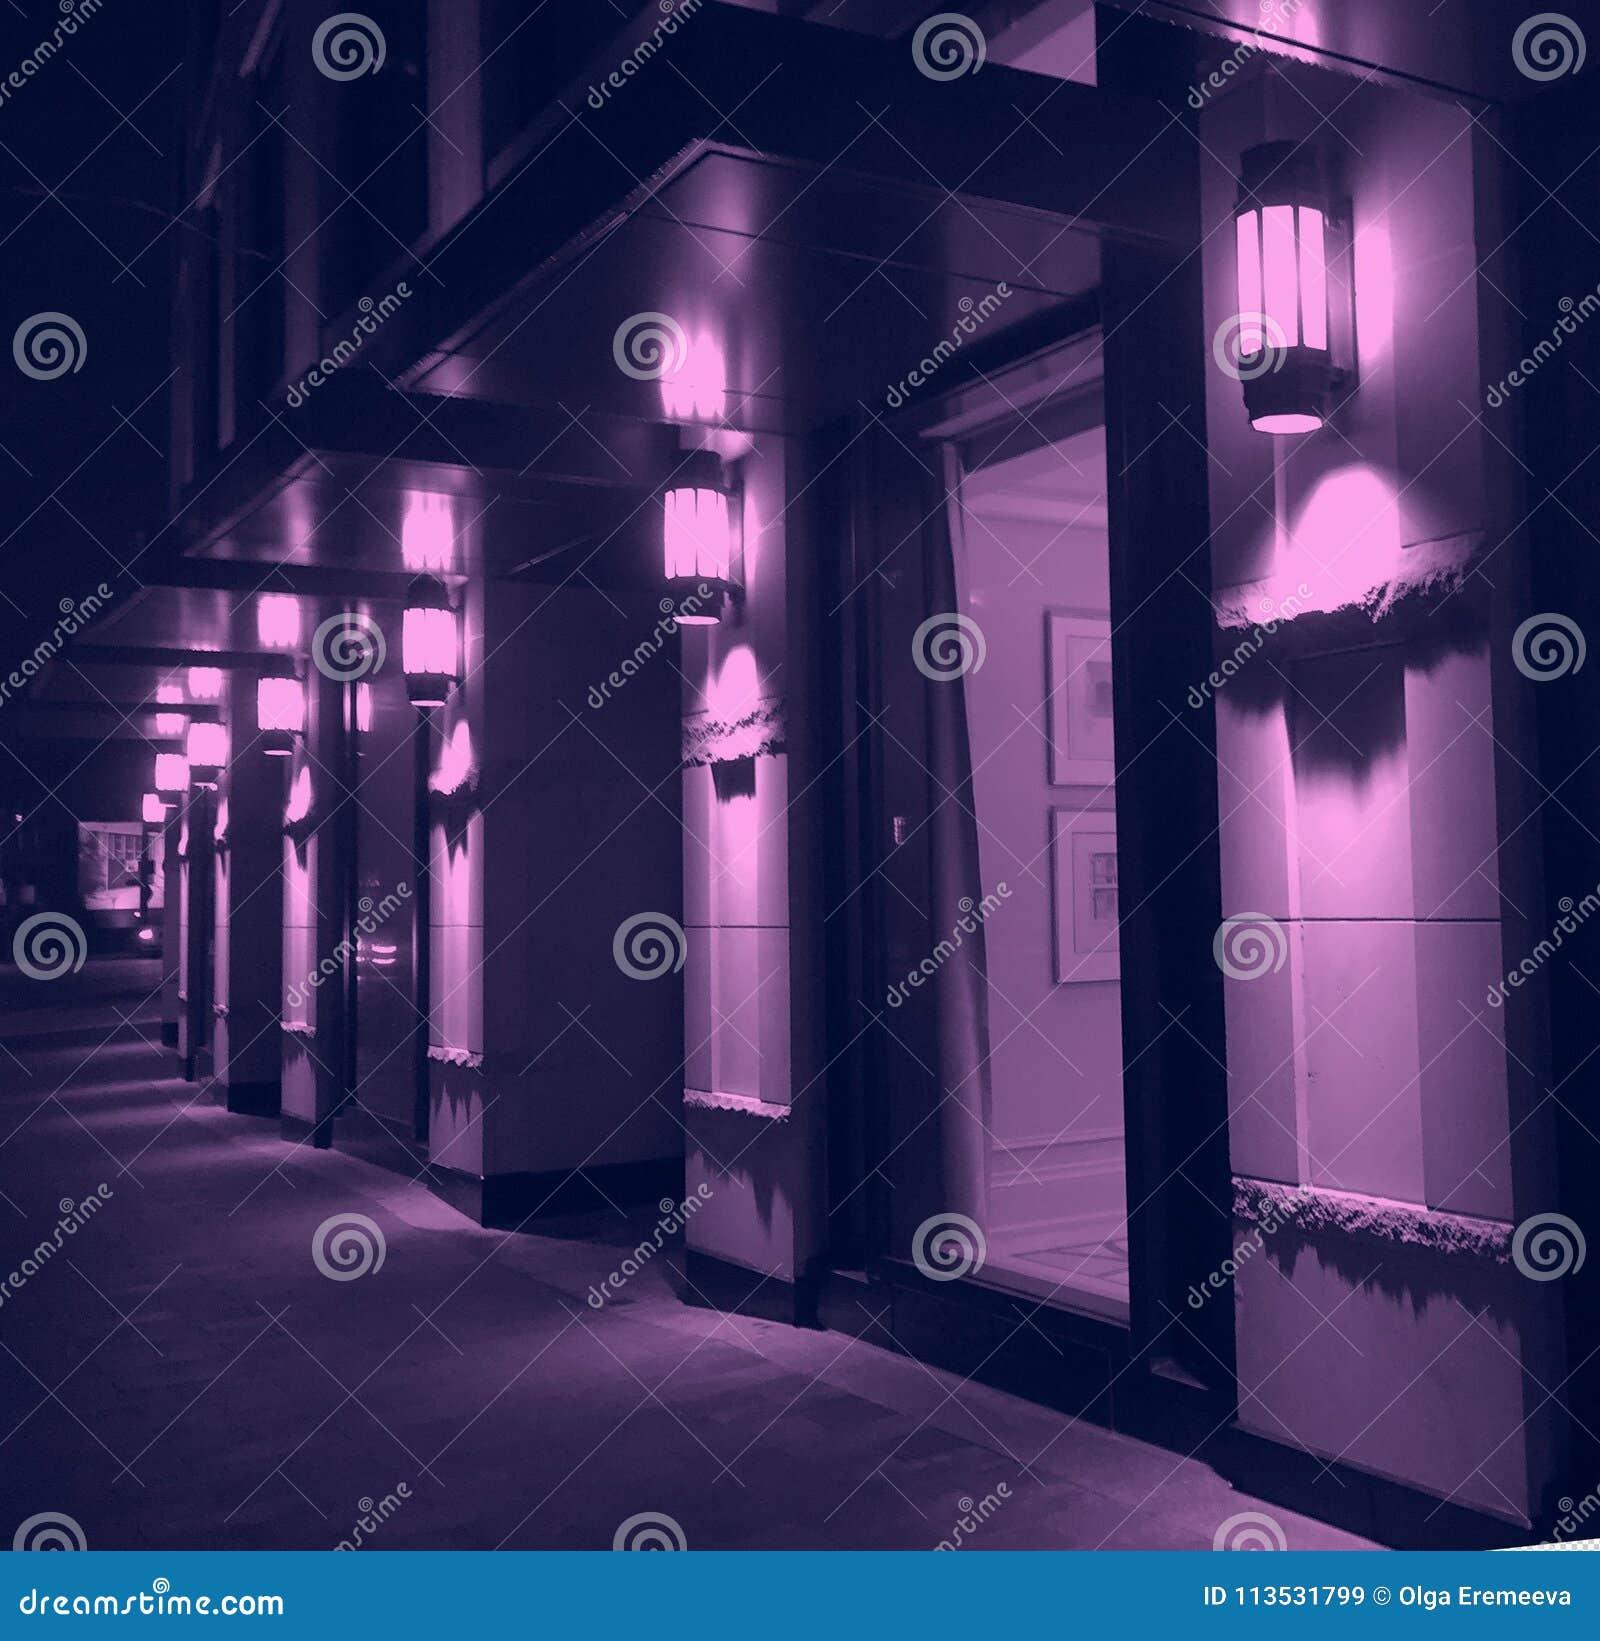 Violet night lighting of modern city building facade